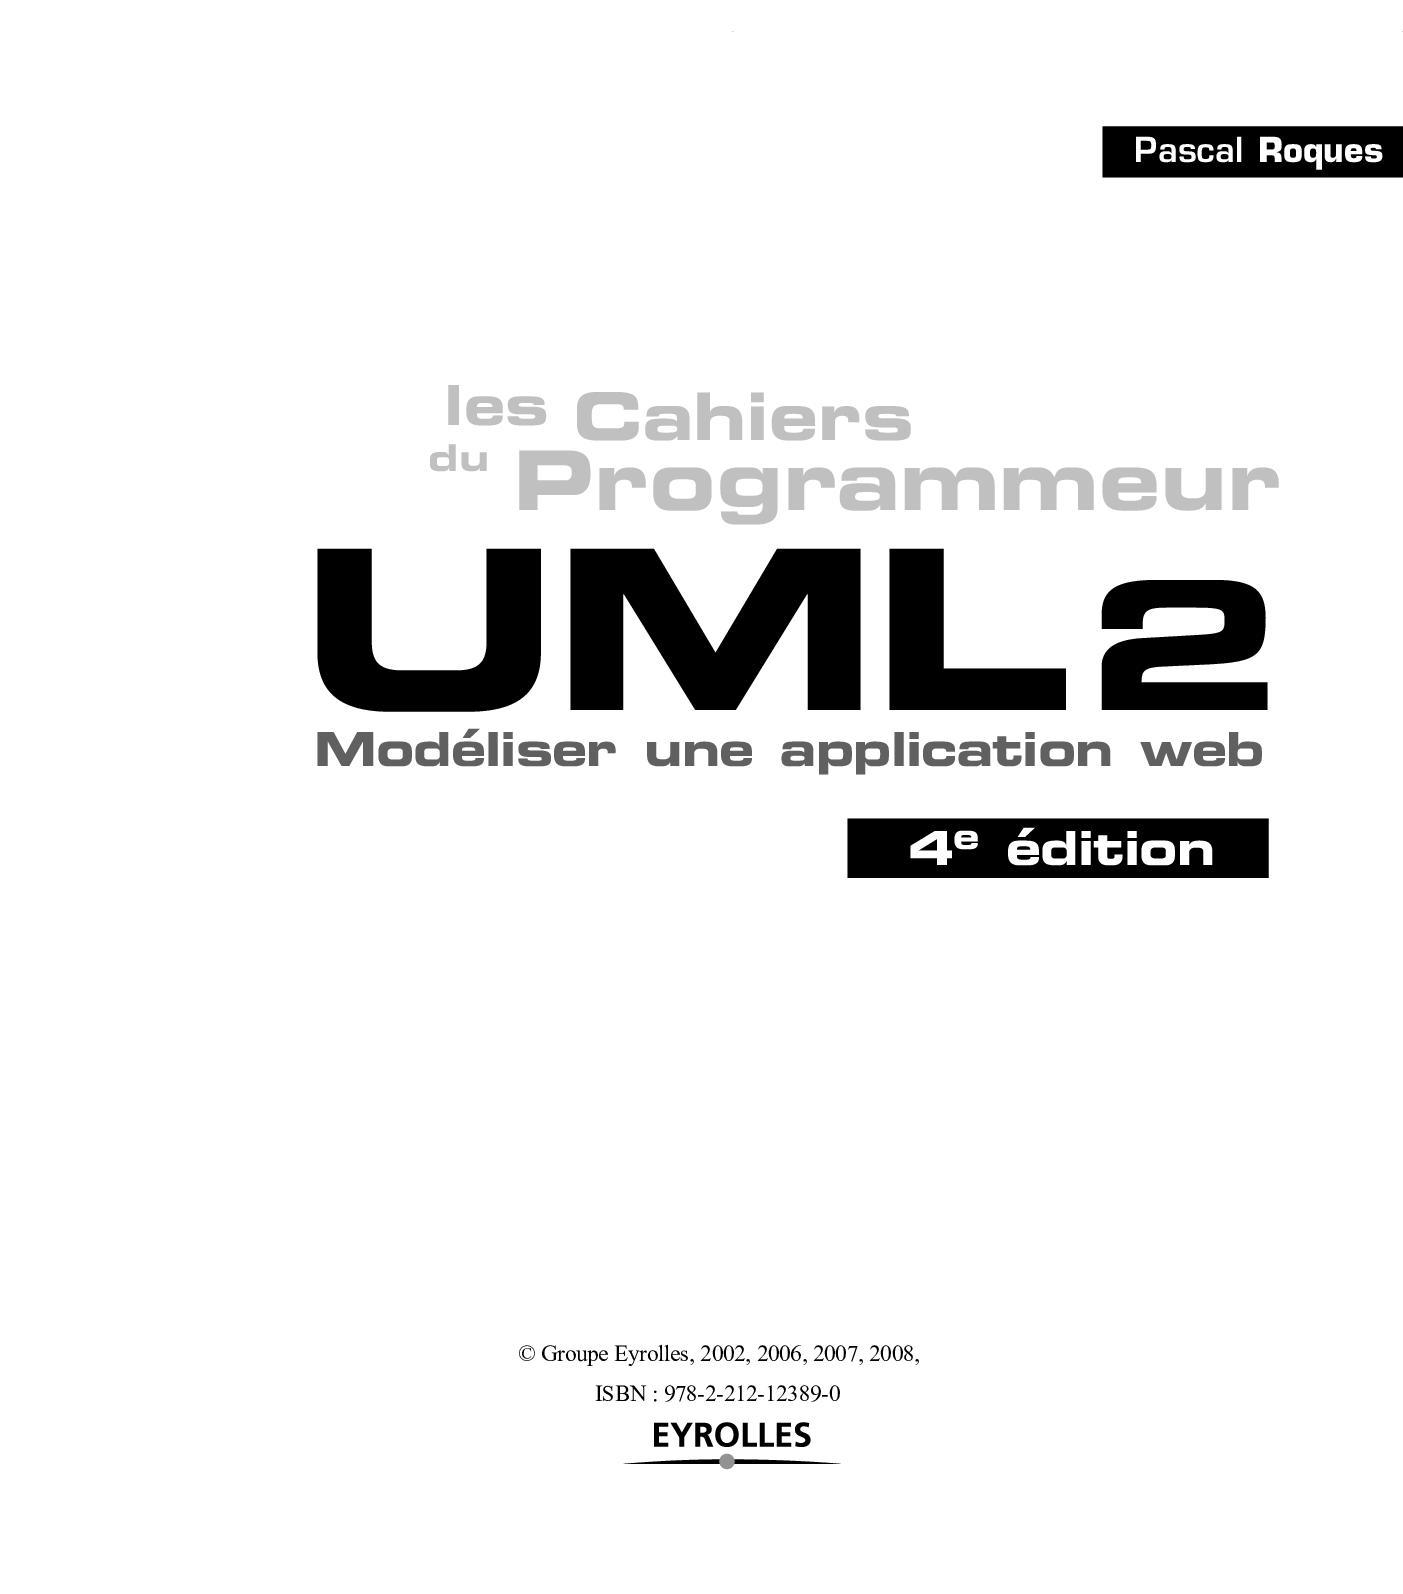 CAHIER DU PROGRAMMEUR UML2 PDF